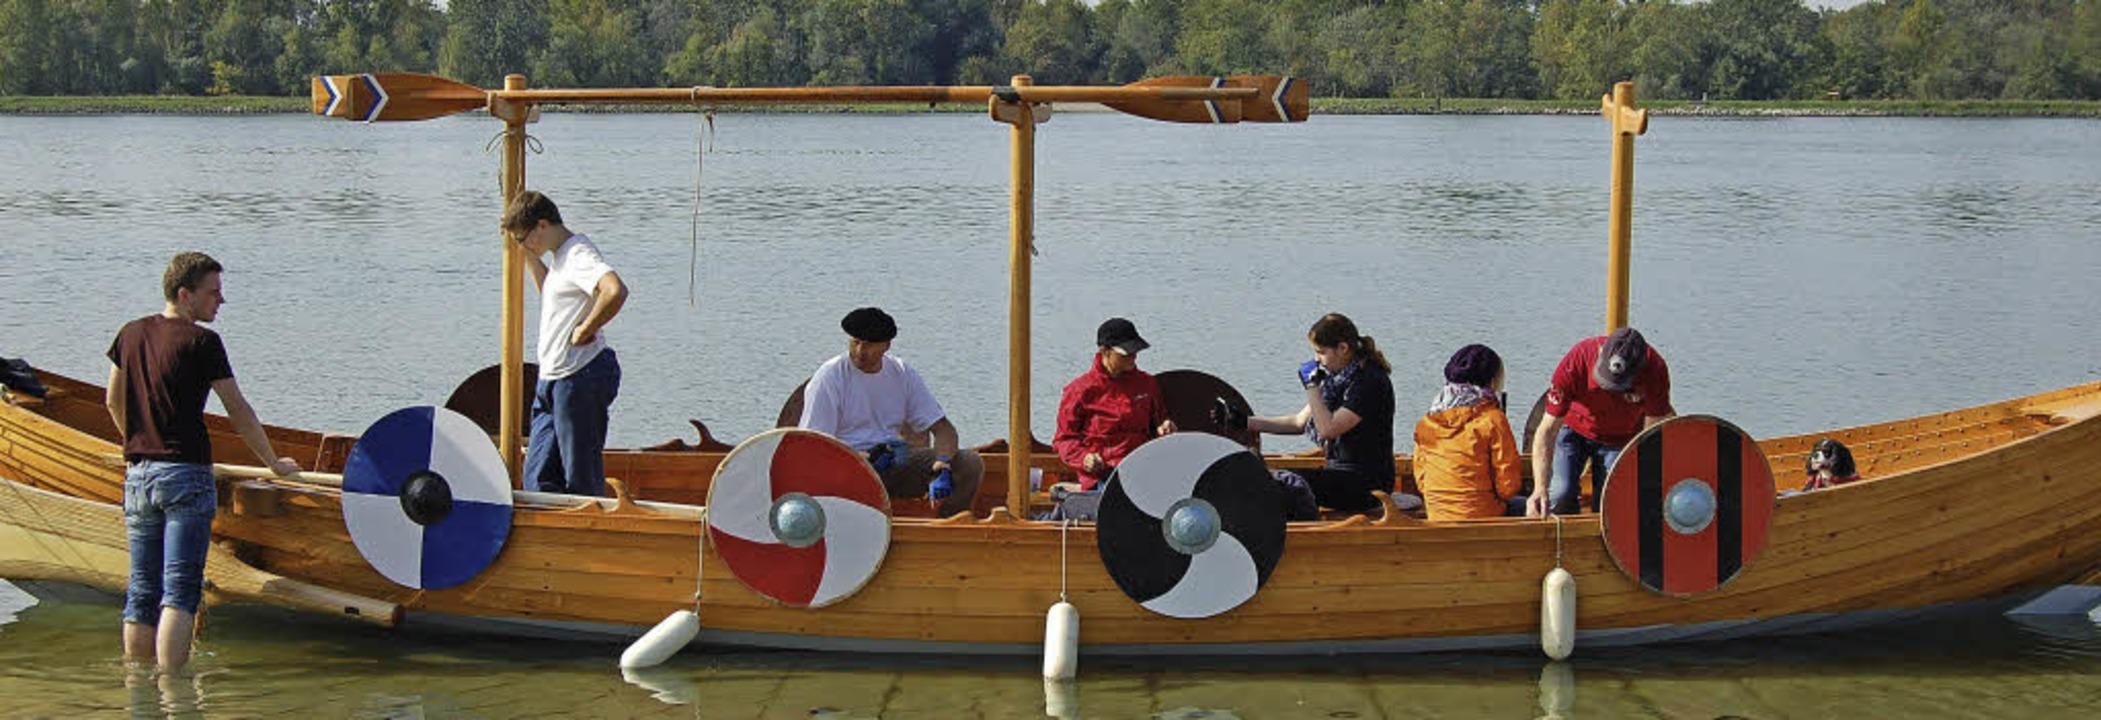 Ist jeder am richtigen Platz? Das Wikingerschiff vor dem Ablegen.    Foto: Hagen Späth